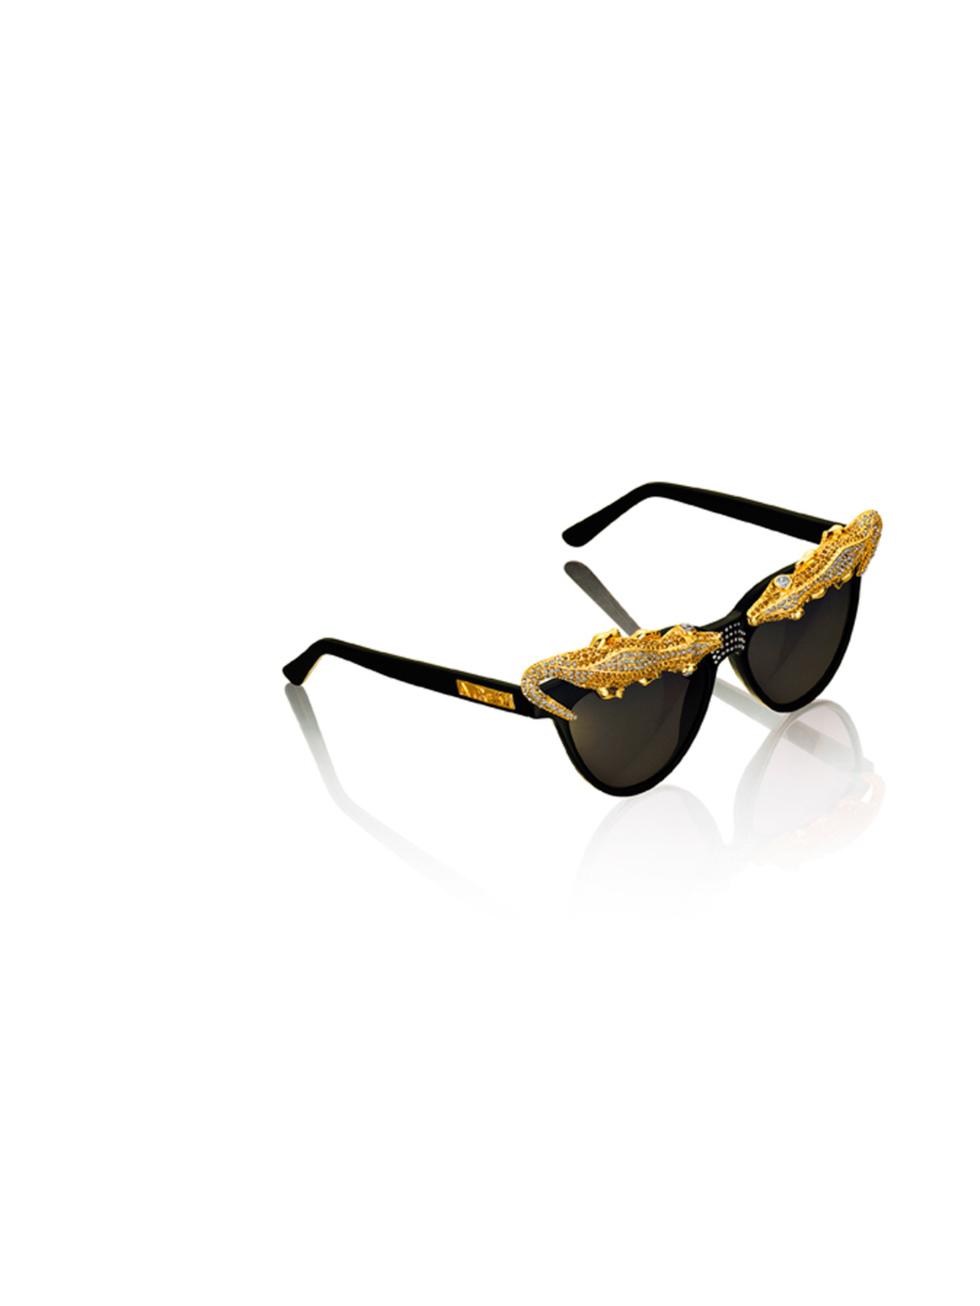 H M Sunglasses Uk  in now anna dello russo for h m